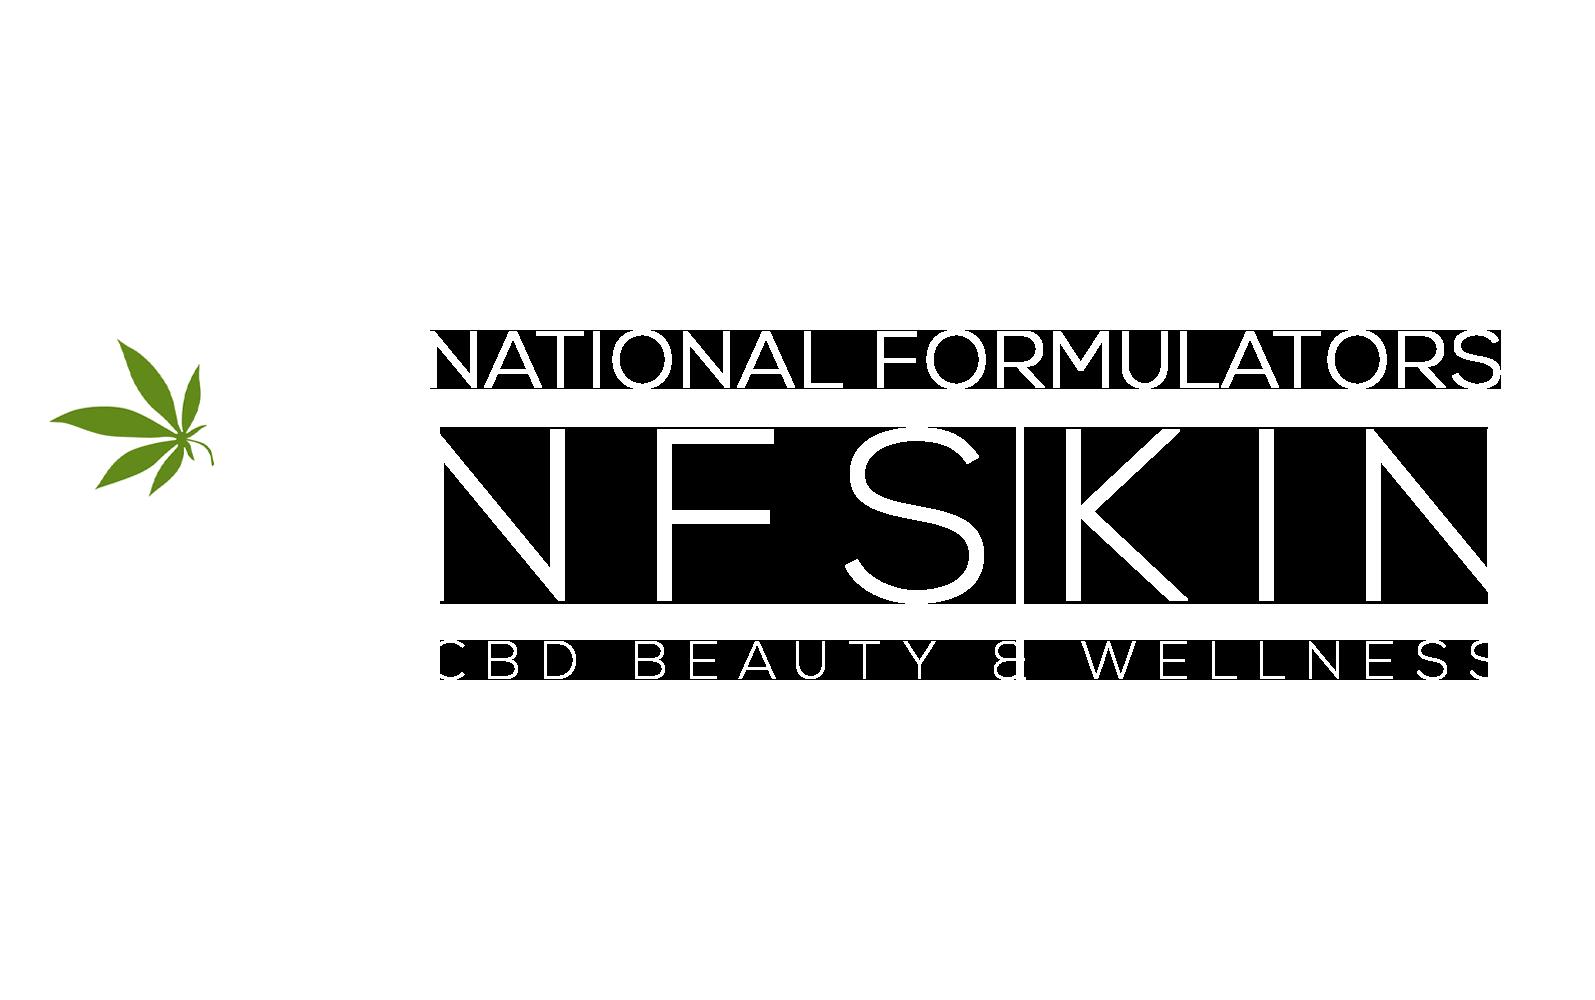 NF SKin